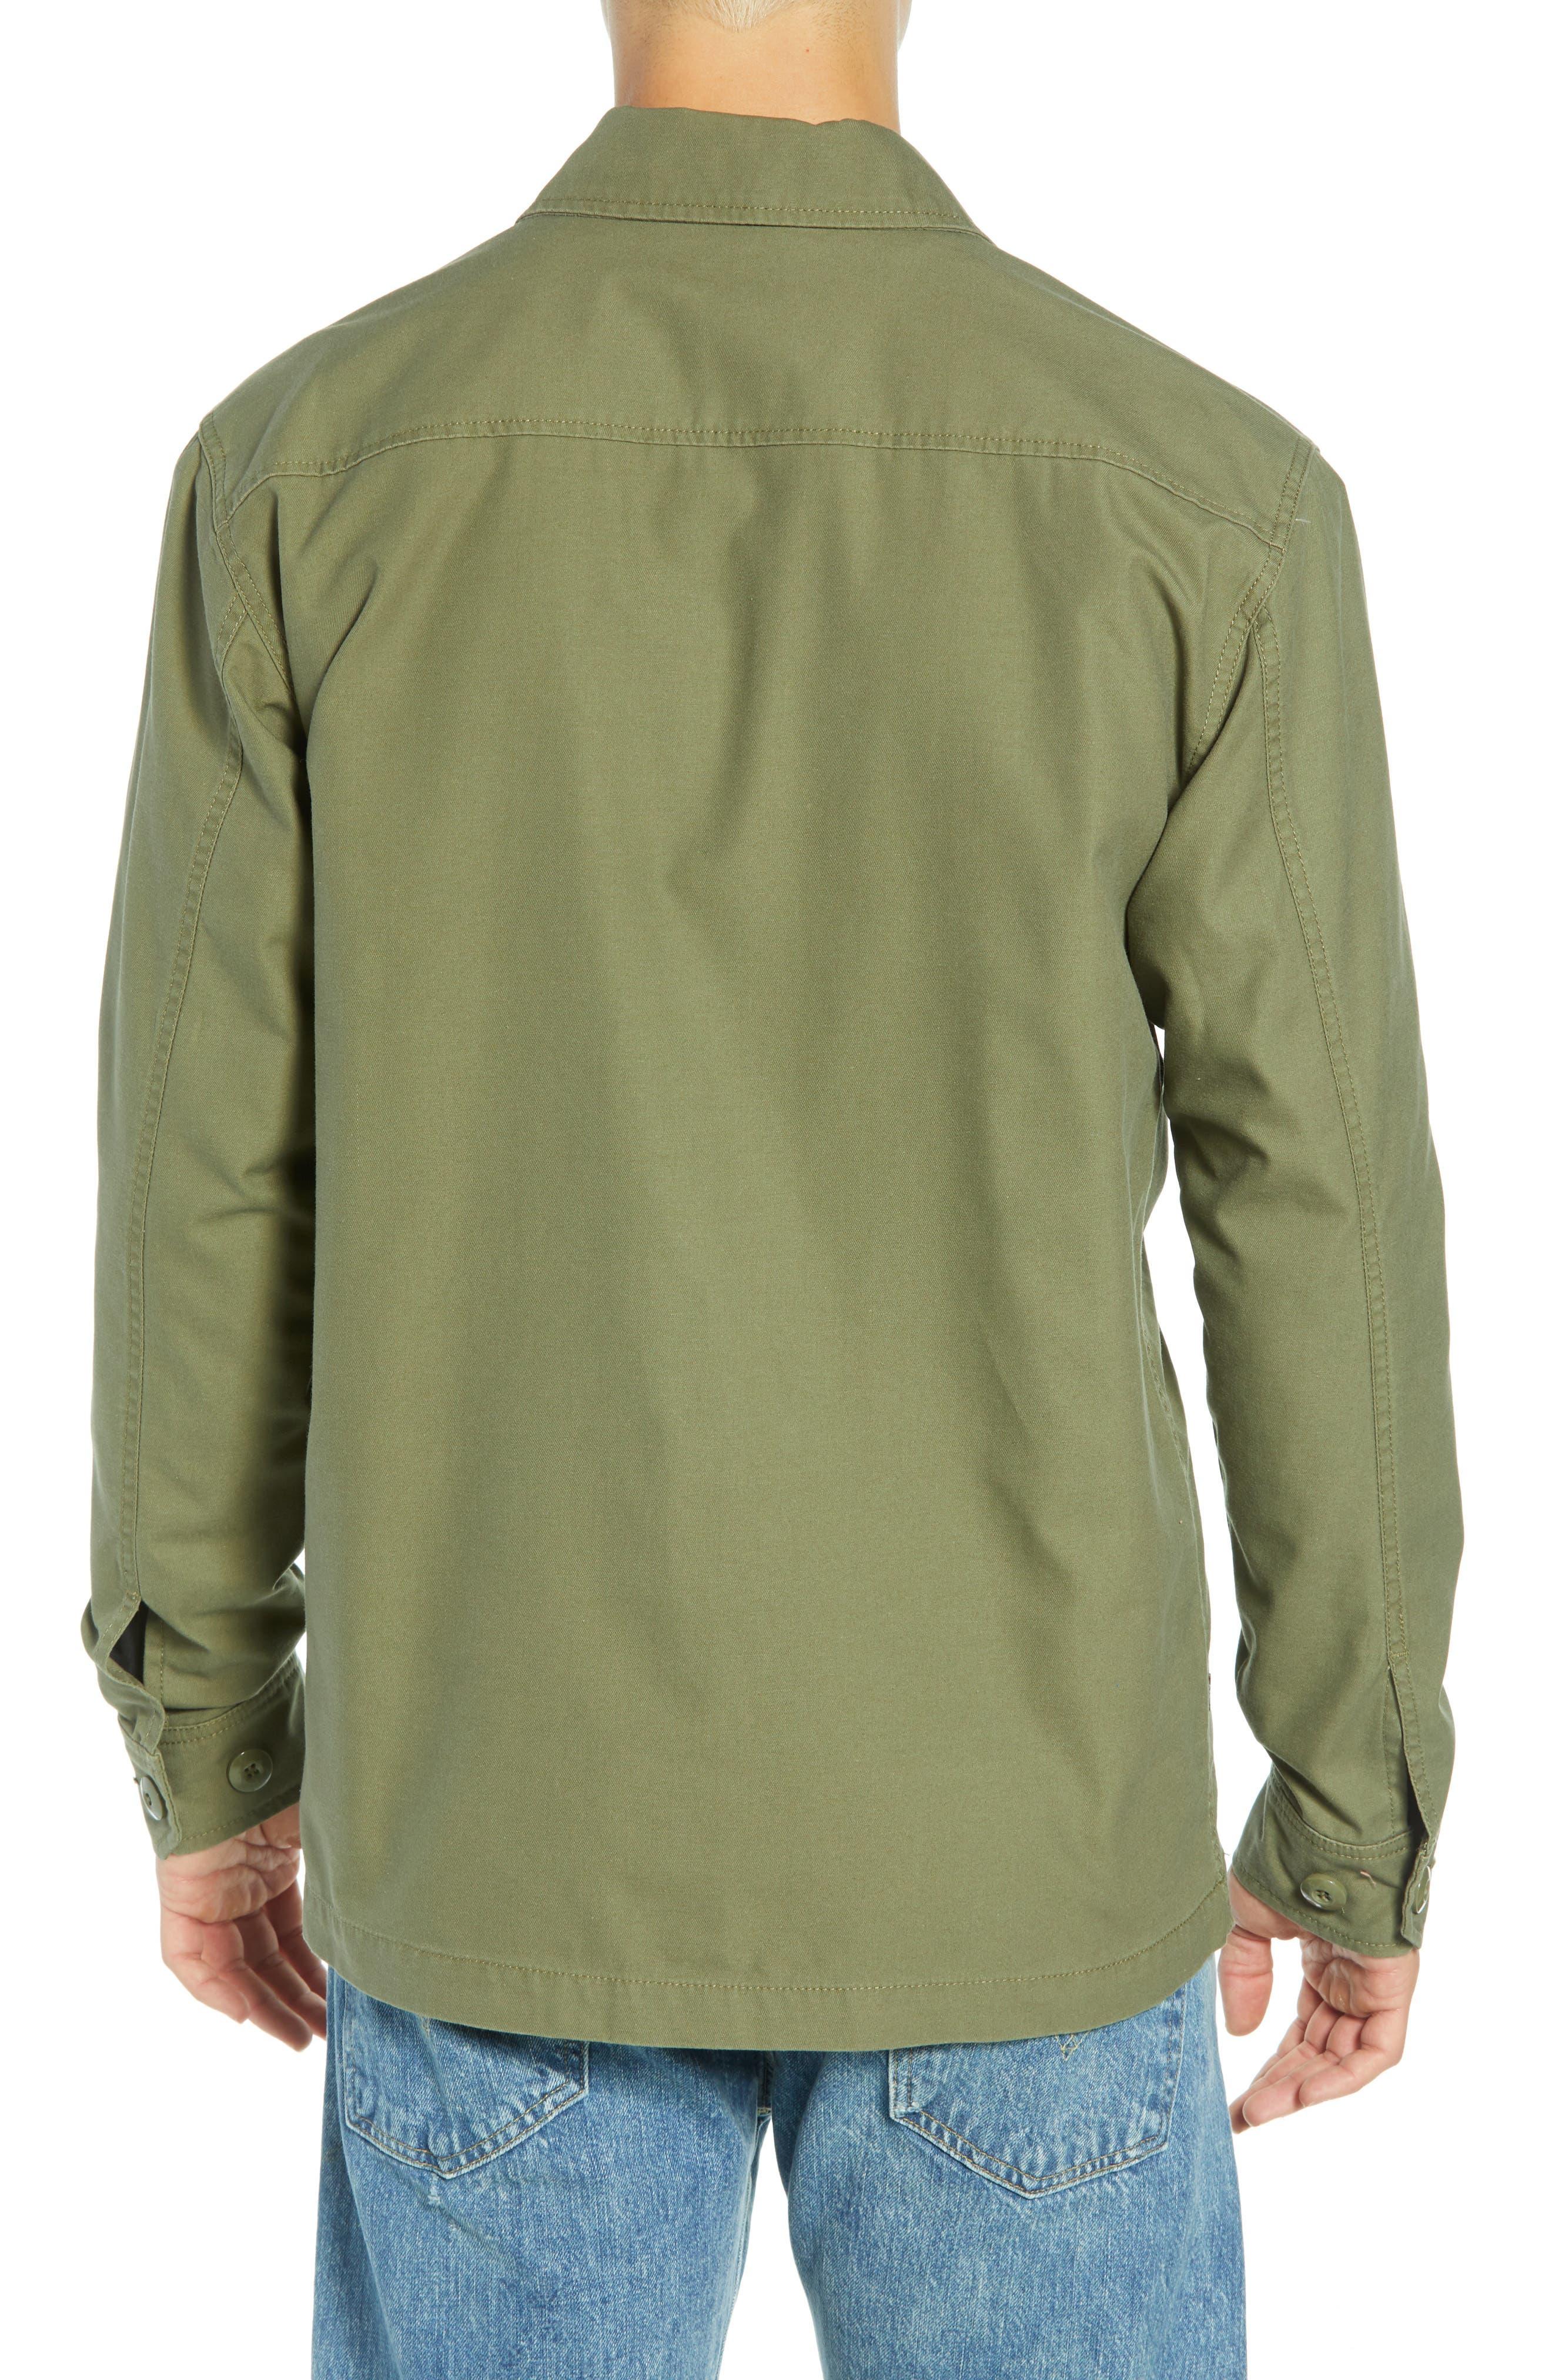 Station Shirt Jacket,                             Alternate thumbnail 2, color,                             BURNT OLIVE